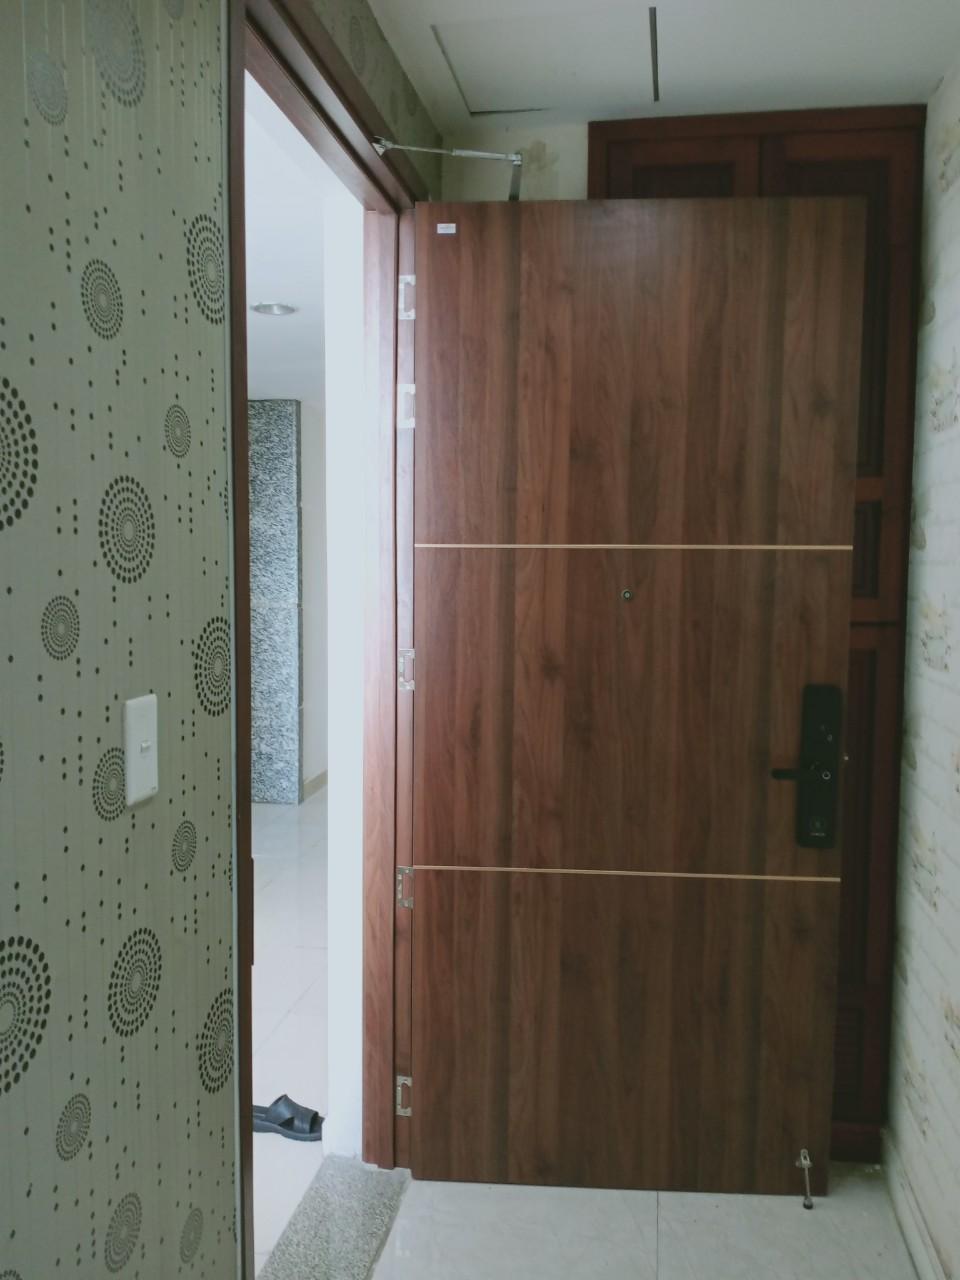 Mẫu cửa gỗ công nghiệp MDF Laminate An Cường